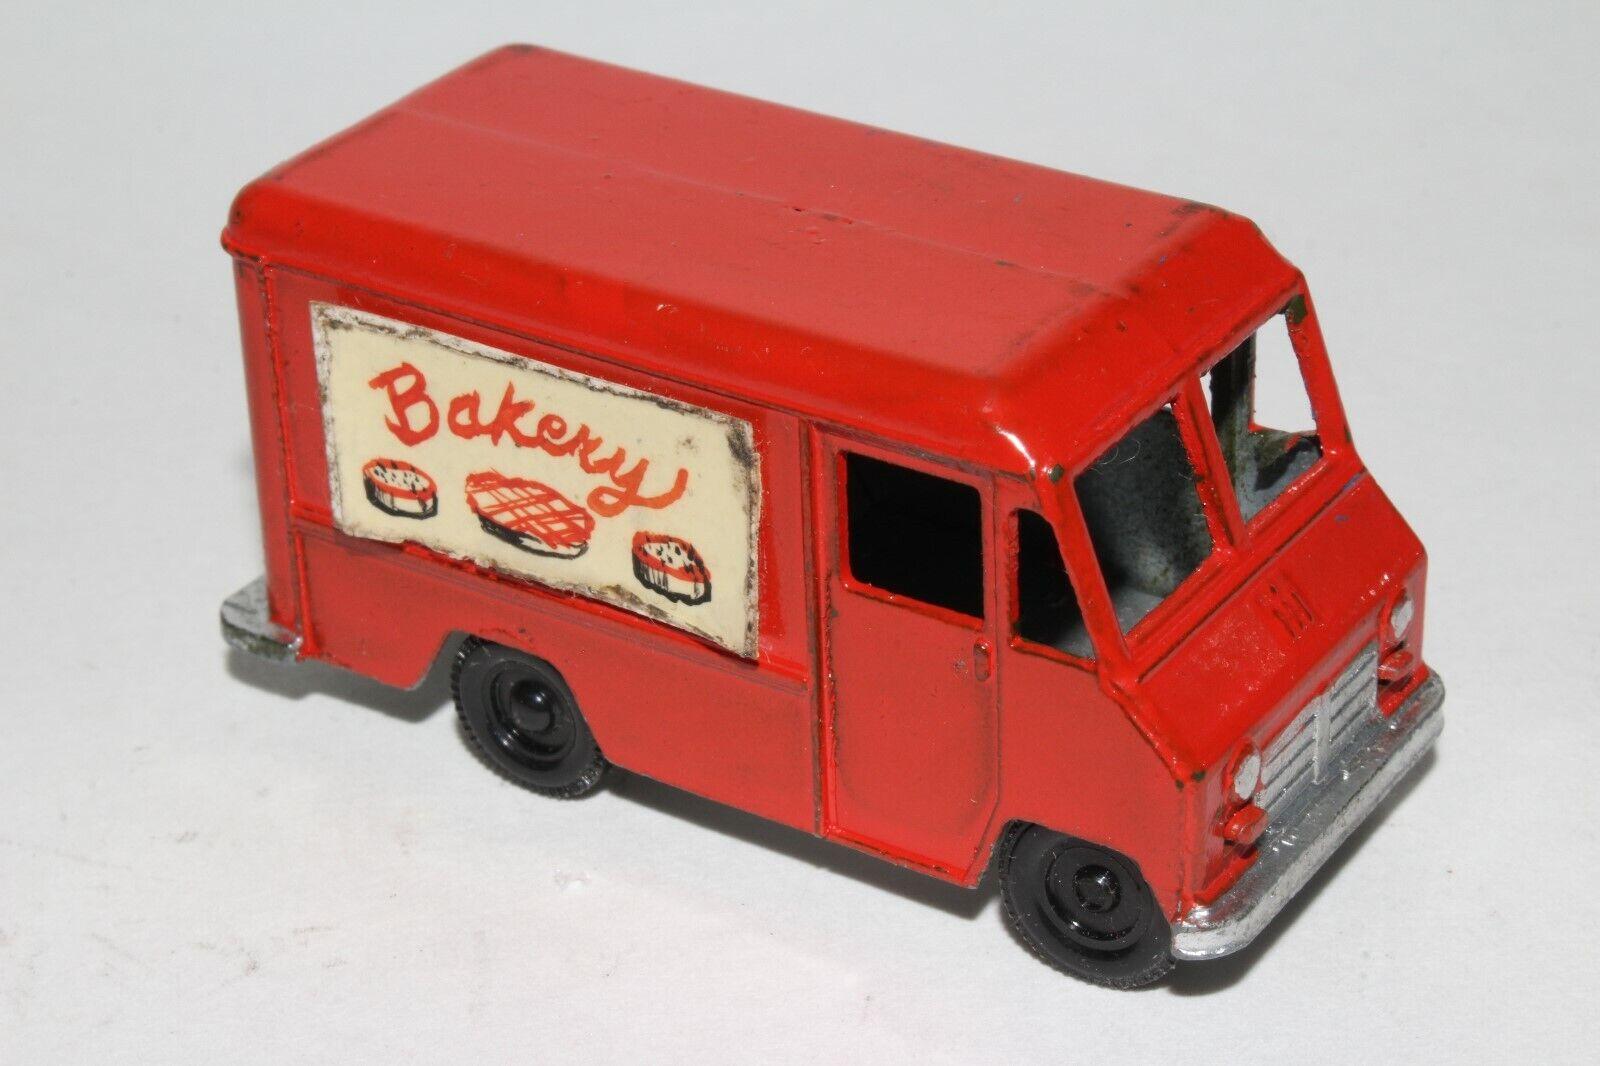 Tootsietoy projootipo, década de 1960 ih Metro van, panadería Entrega Original